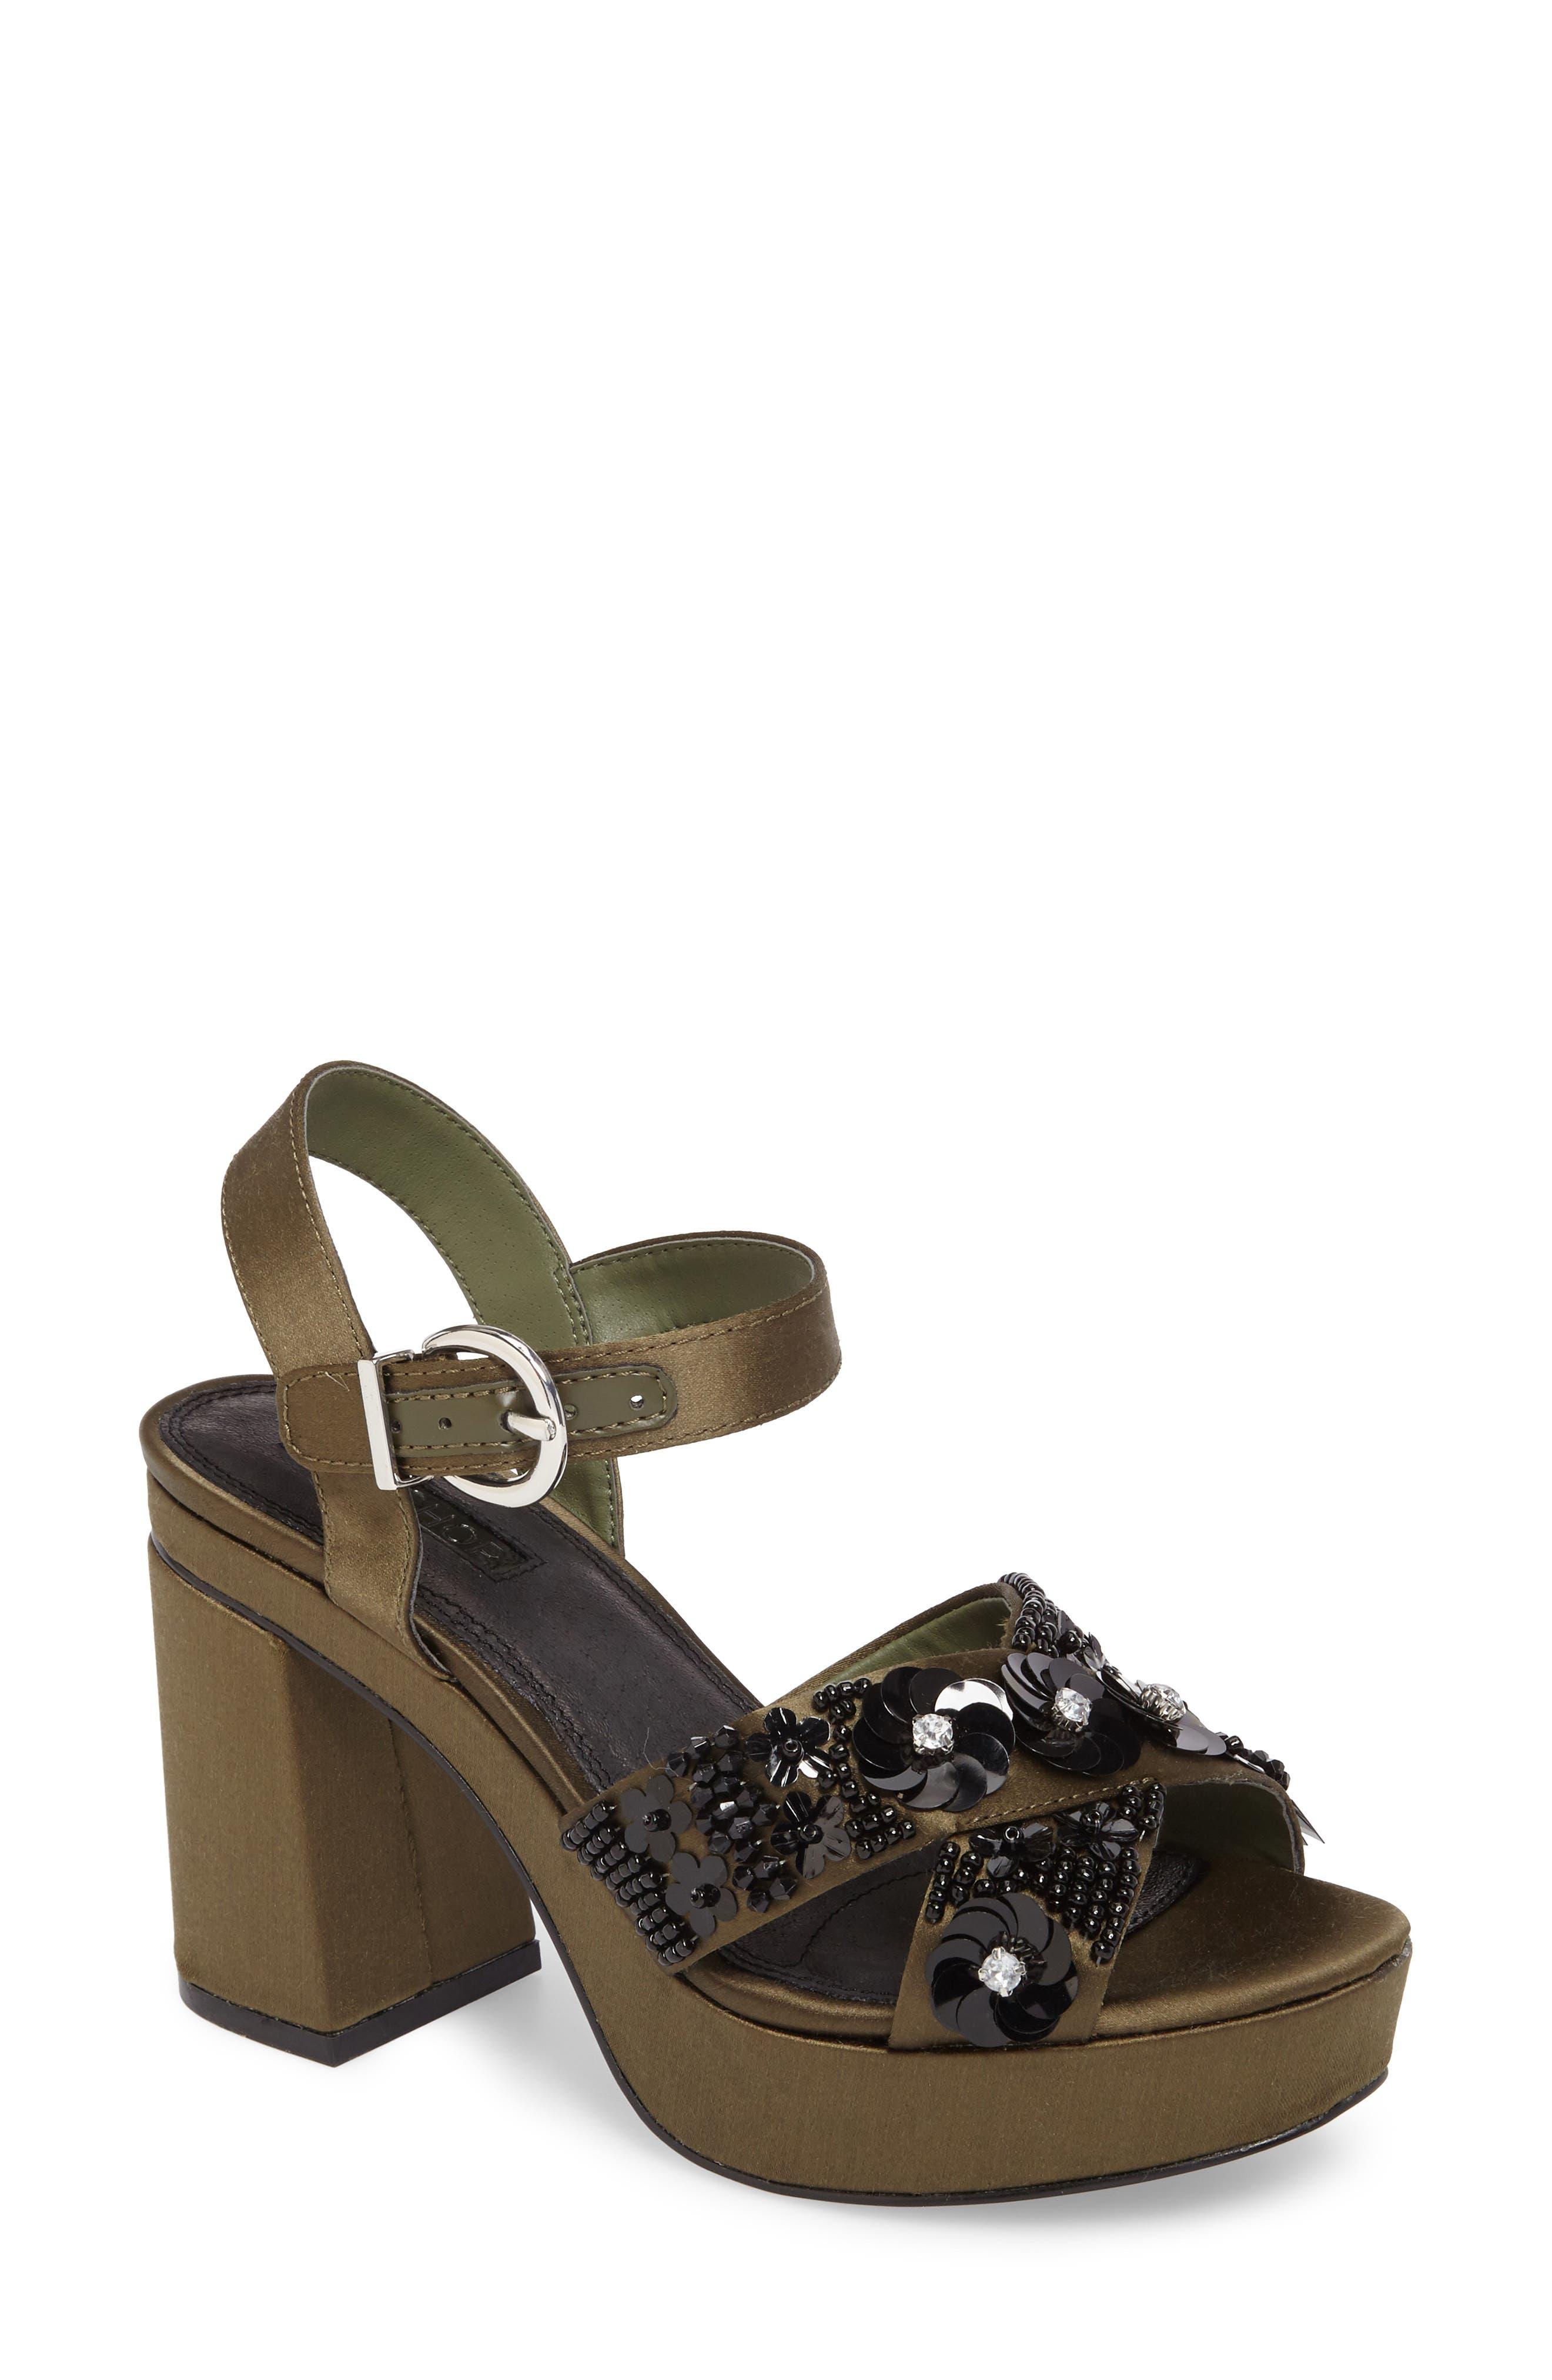 Main Image - Topshop Lotus Embellished Platform Sandal (Women)